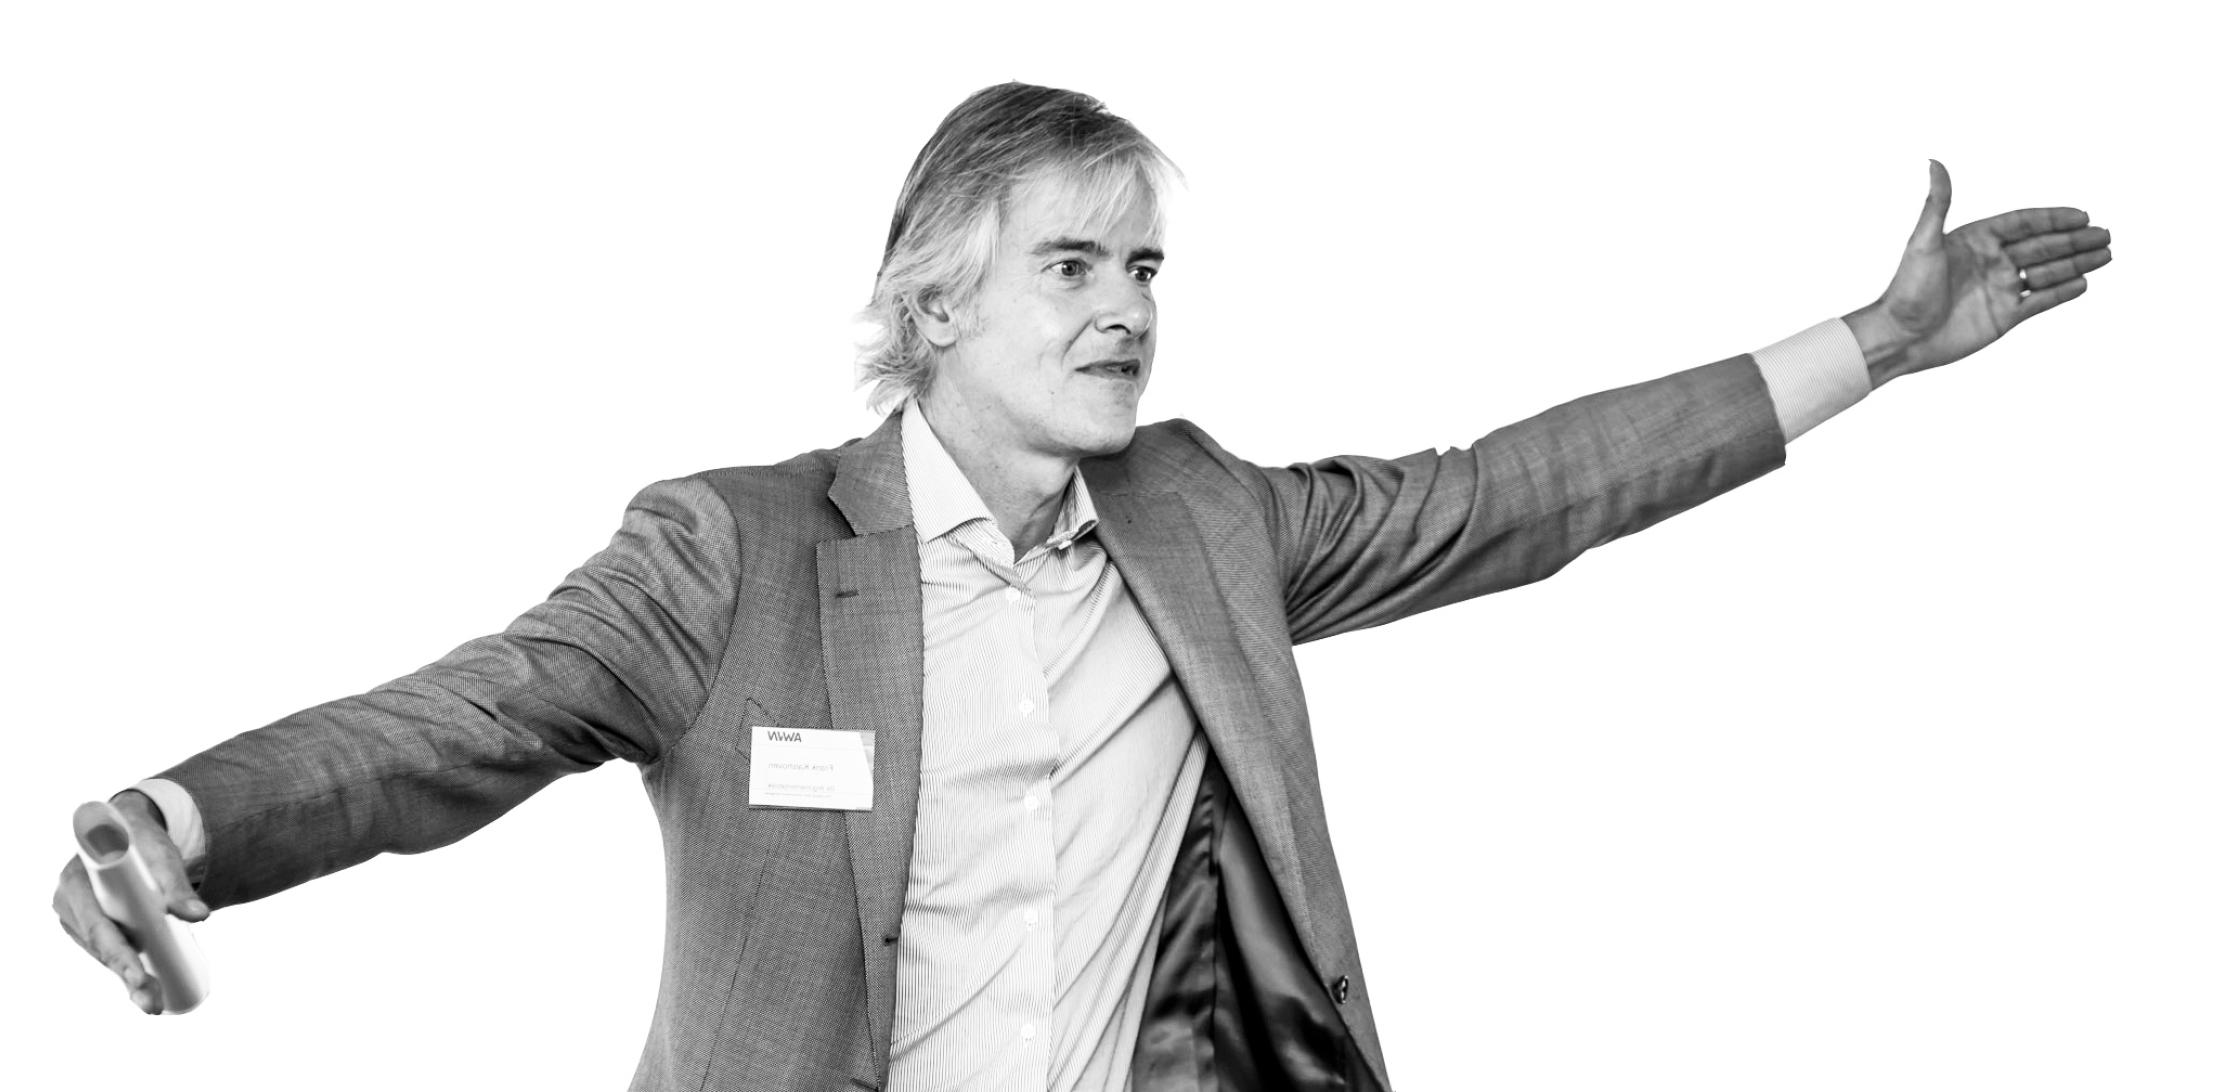 Frans Kalshoven is directeur van de  Argumentenfabriek . De Argumentenfabriek helpt mensen en organisaties helder denken door structuur en consistentie aan te brengen, bijvoorbeeld met behulp van denksessies en apps.